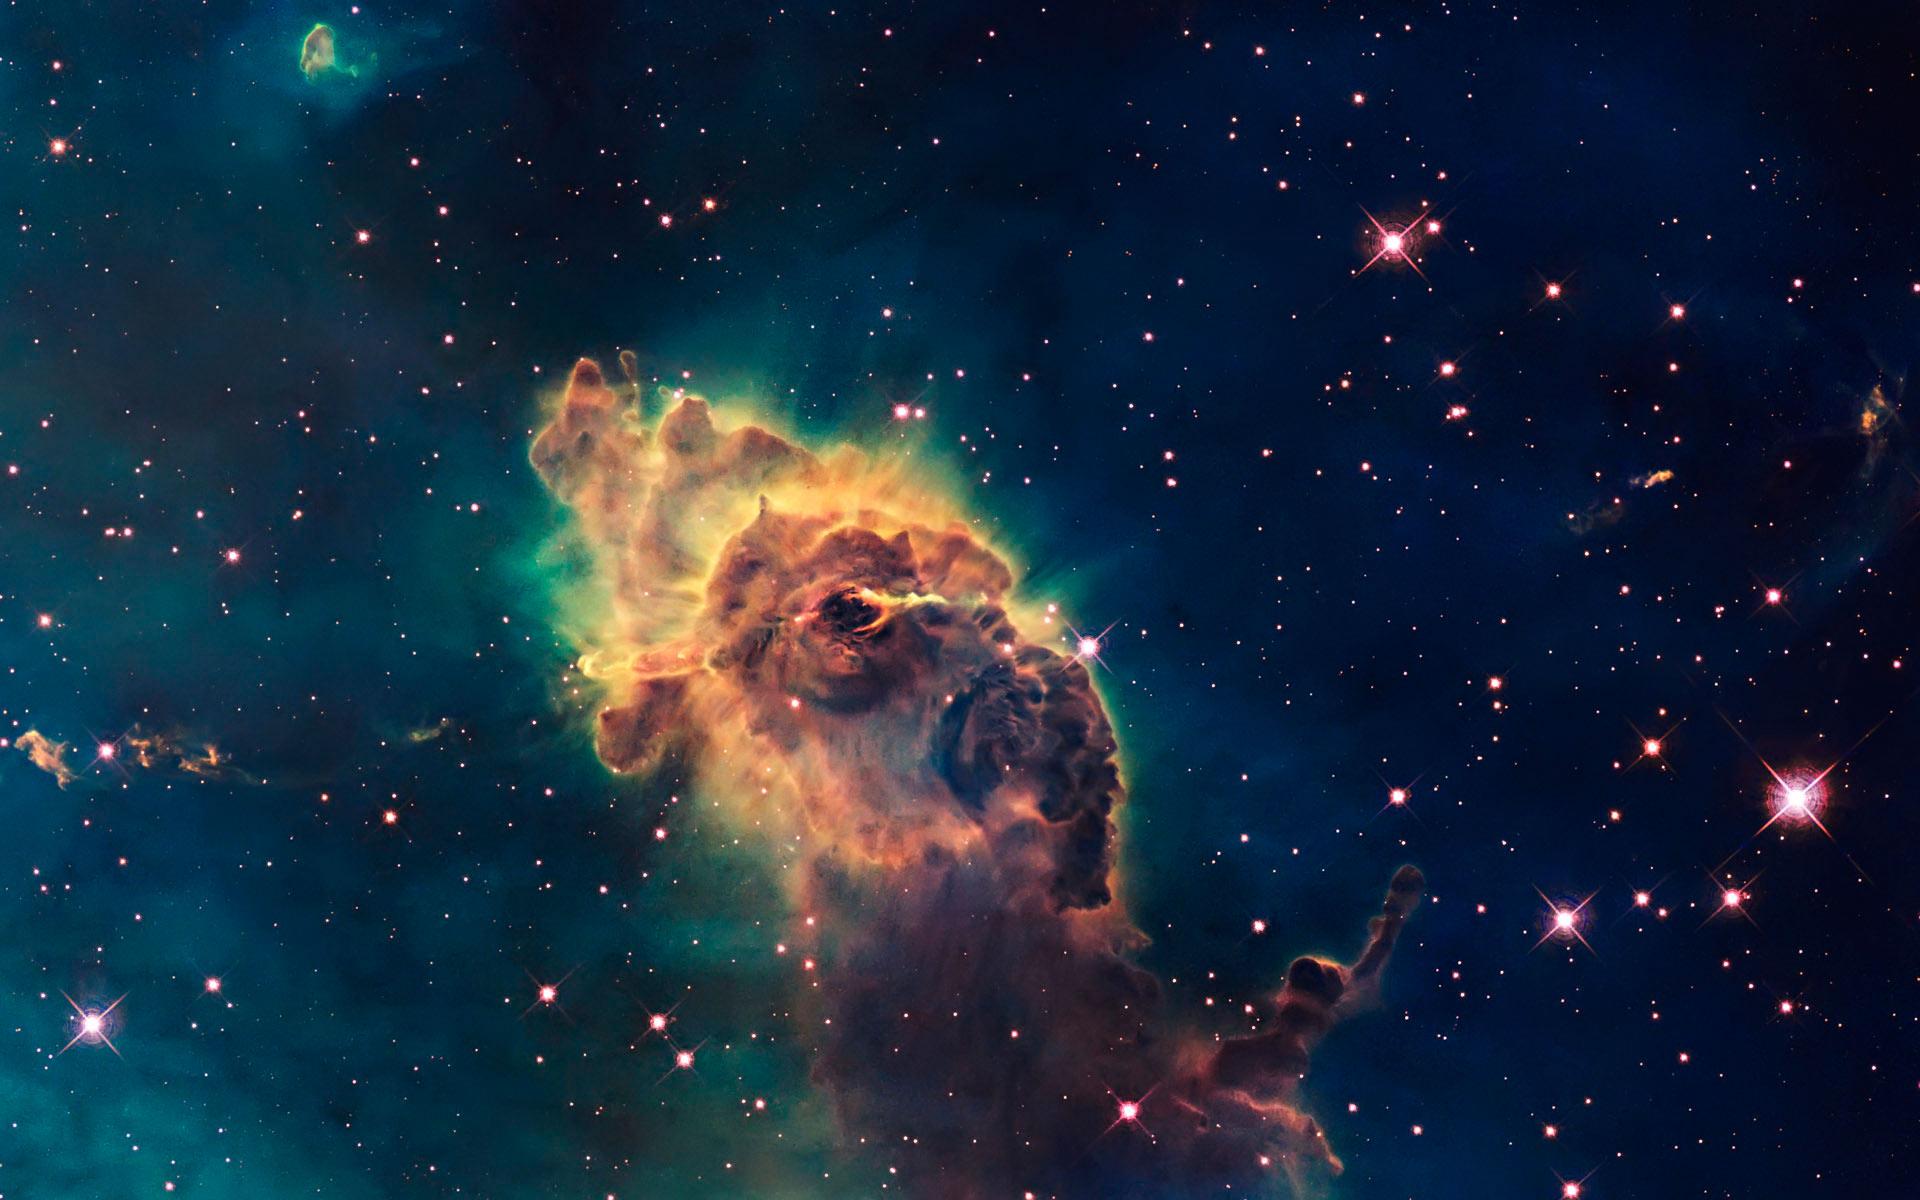 Galaxy Pics Hd Posted By Sarah Tremblay